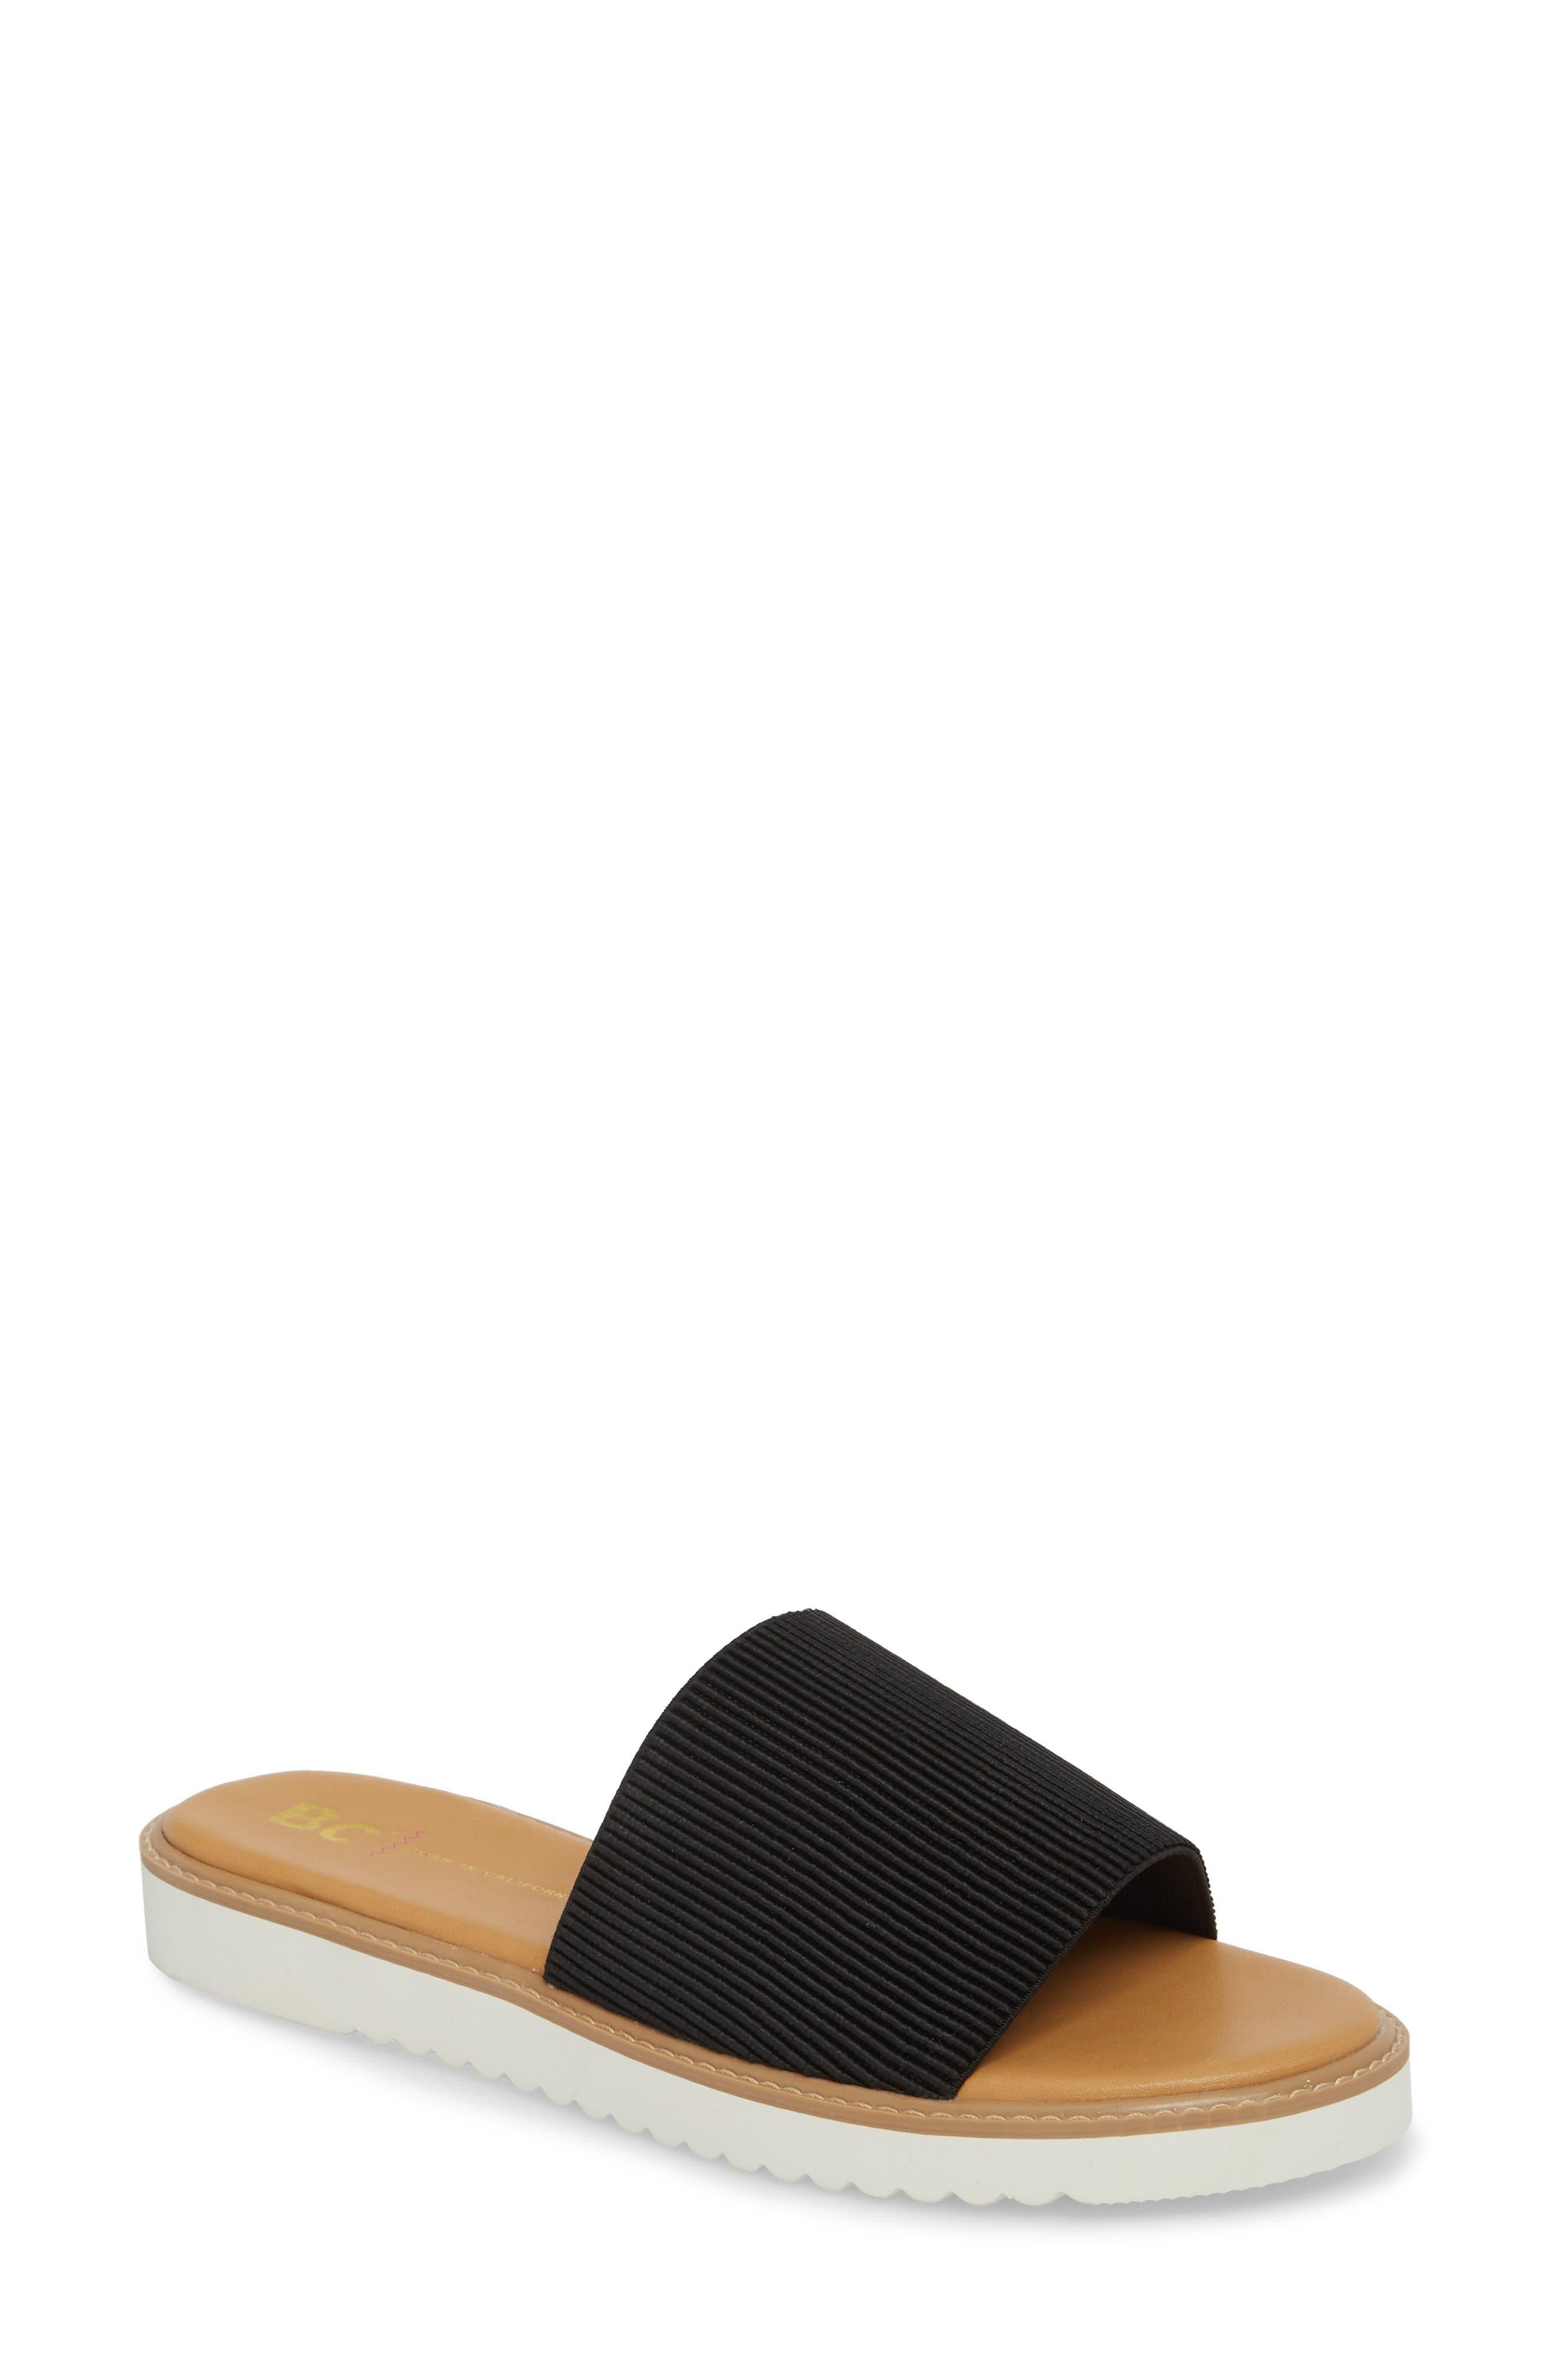 Cotton Candy Slide Sandal,                             Main thumbnail 1, color,                             001